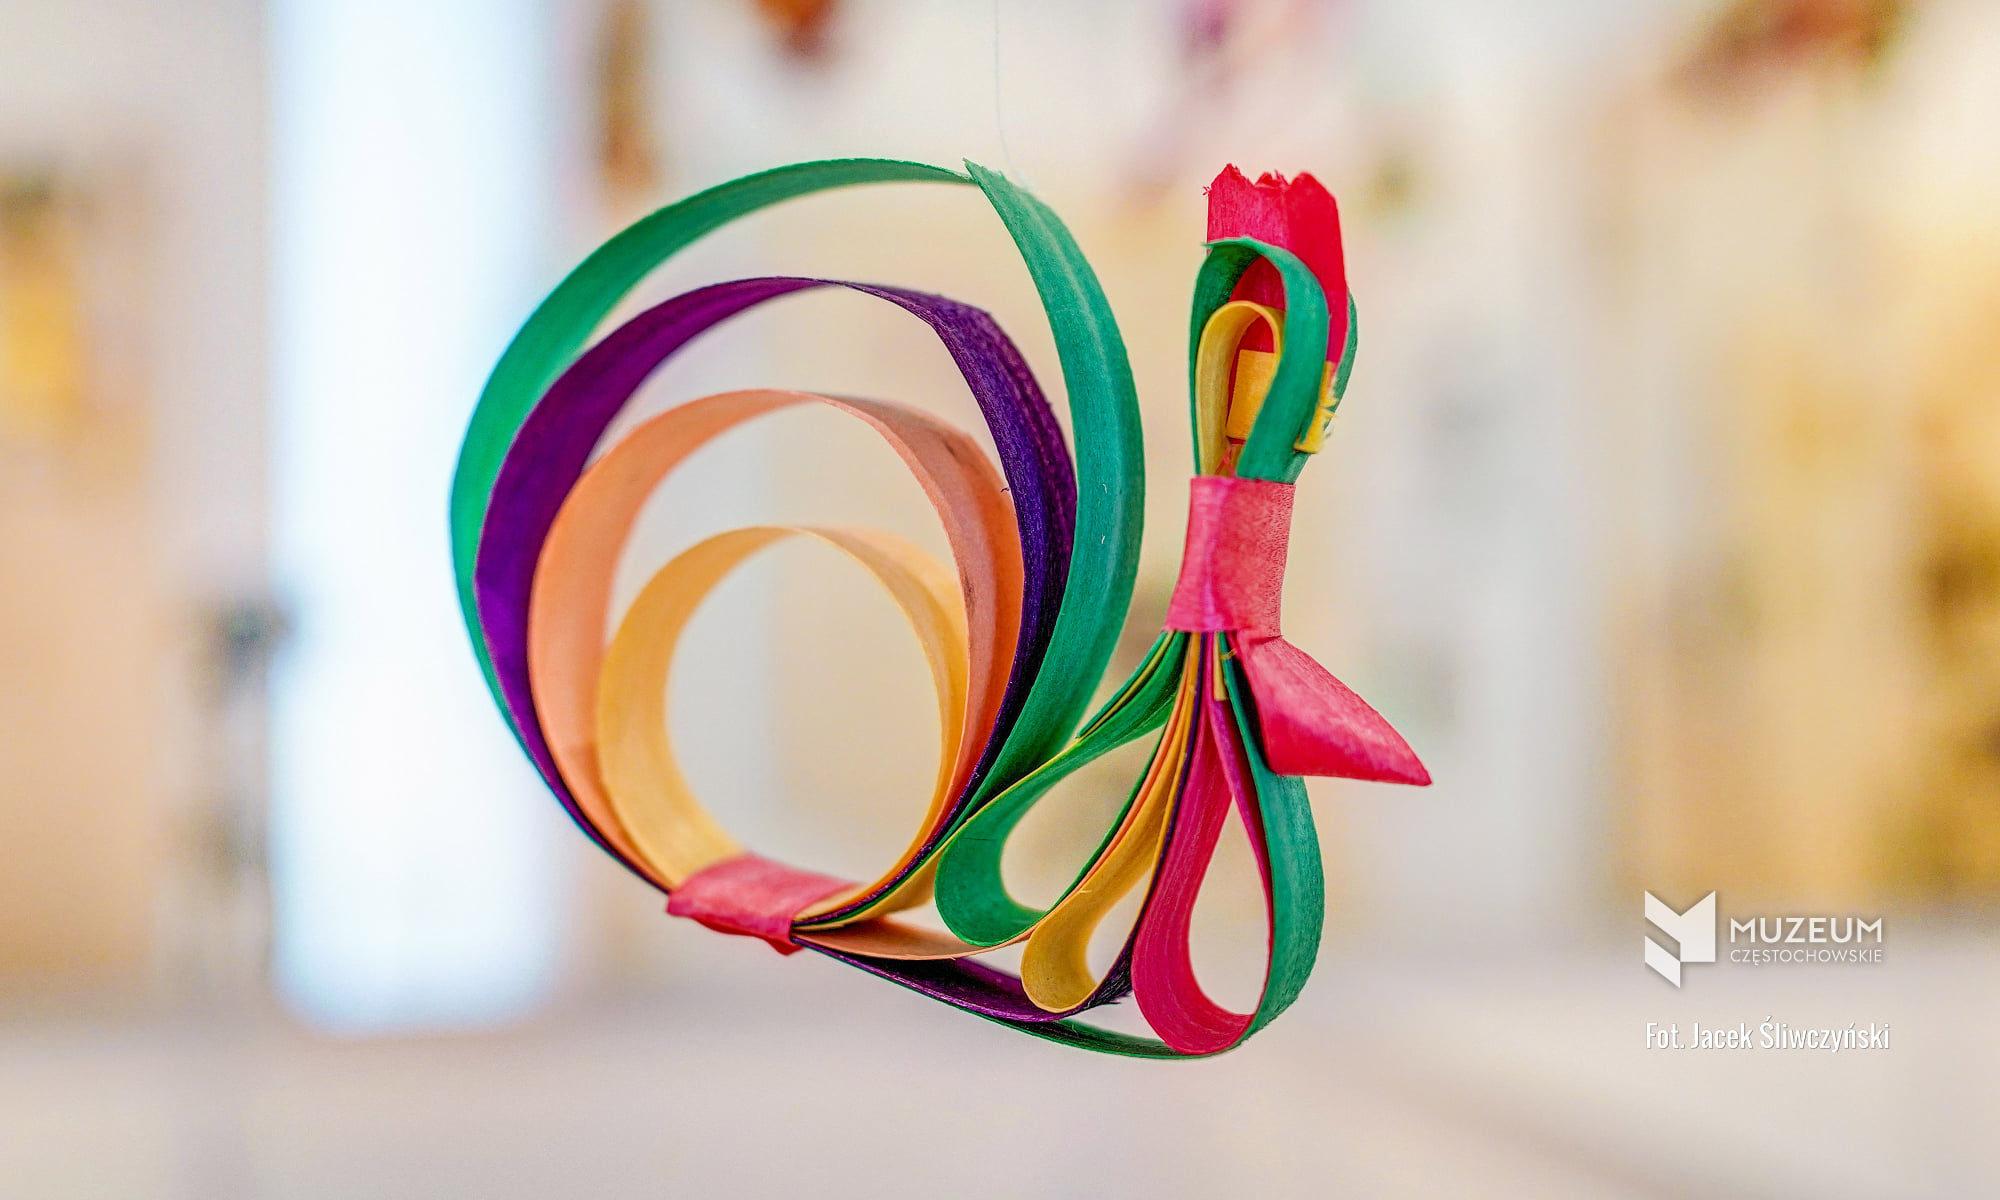 Kogucik z kolorowych wiórków osikowych